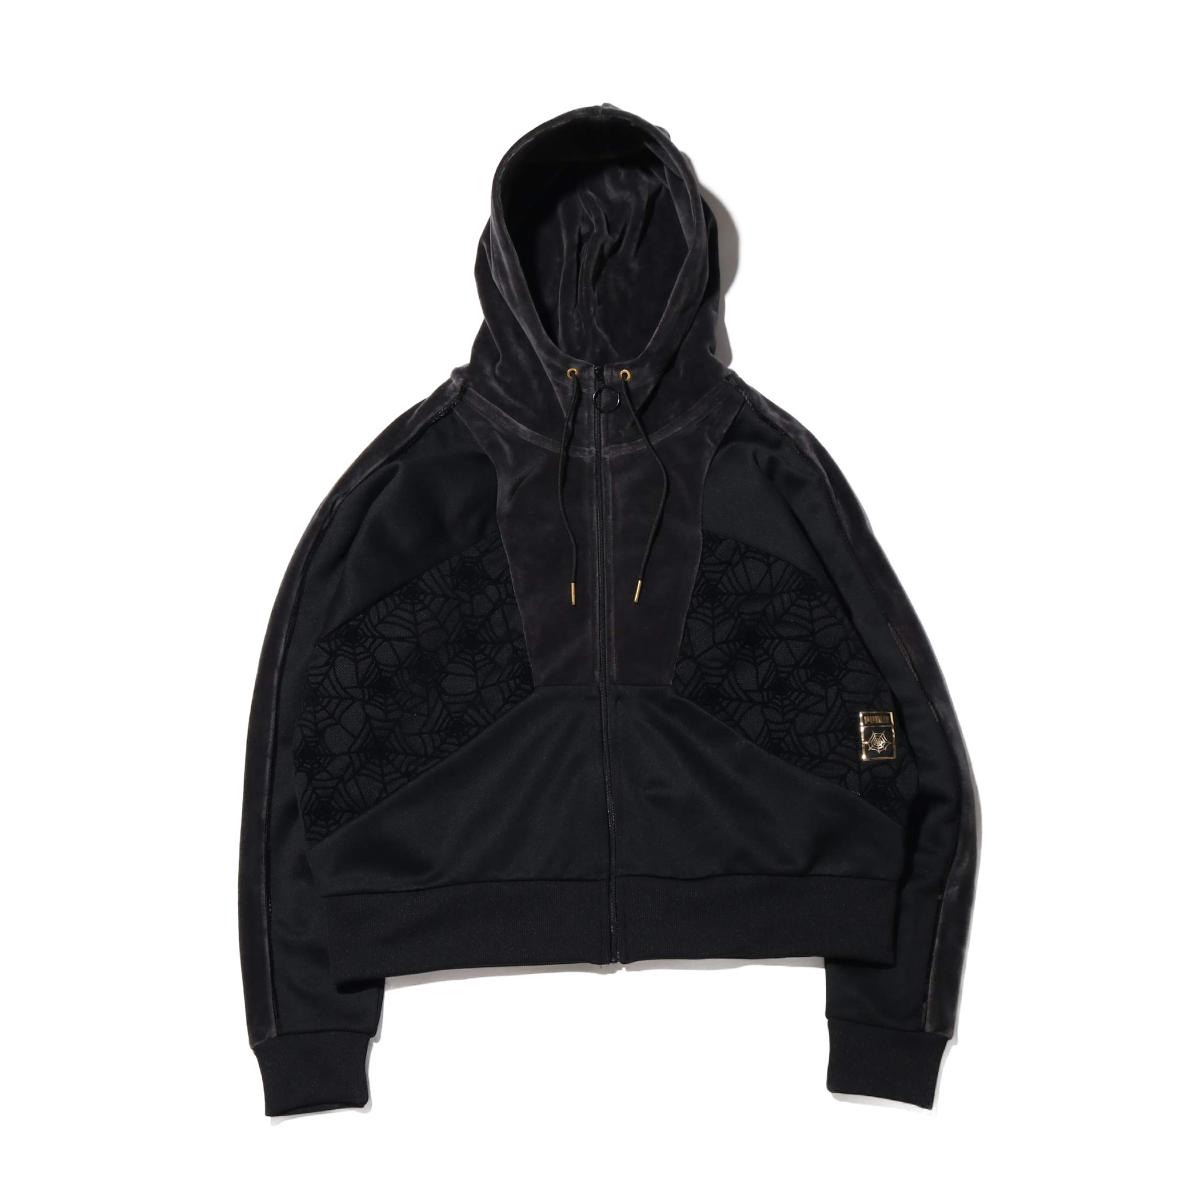 PUMA x CO TFS Track Jacket(PUMA BLACK)(プーマ X CO TFS トラックジャケット)【メンズ】【ジャケット】【20SP-I】